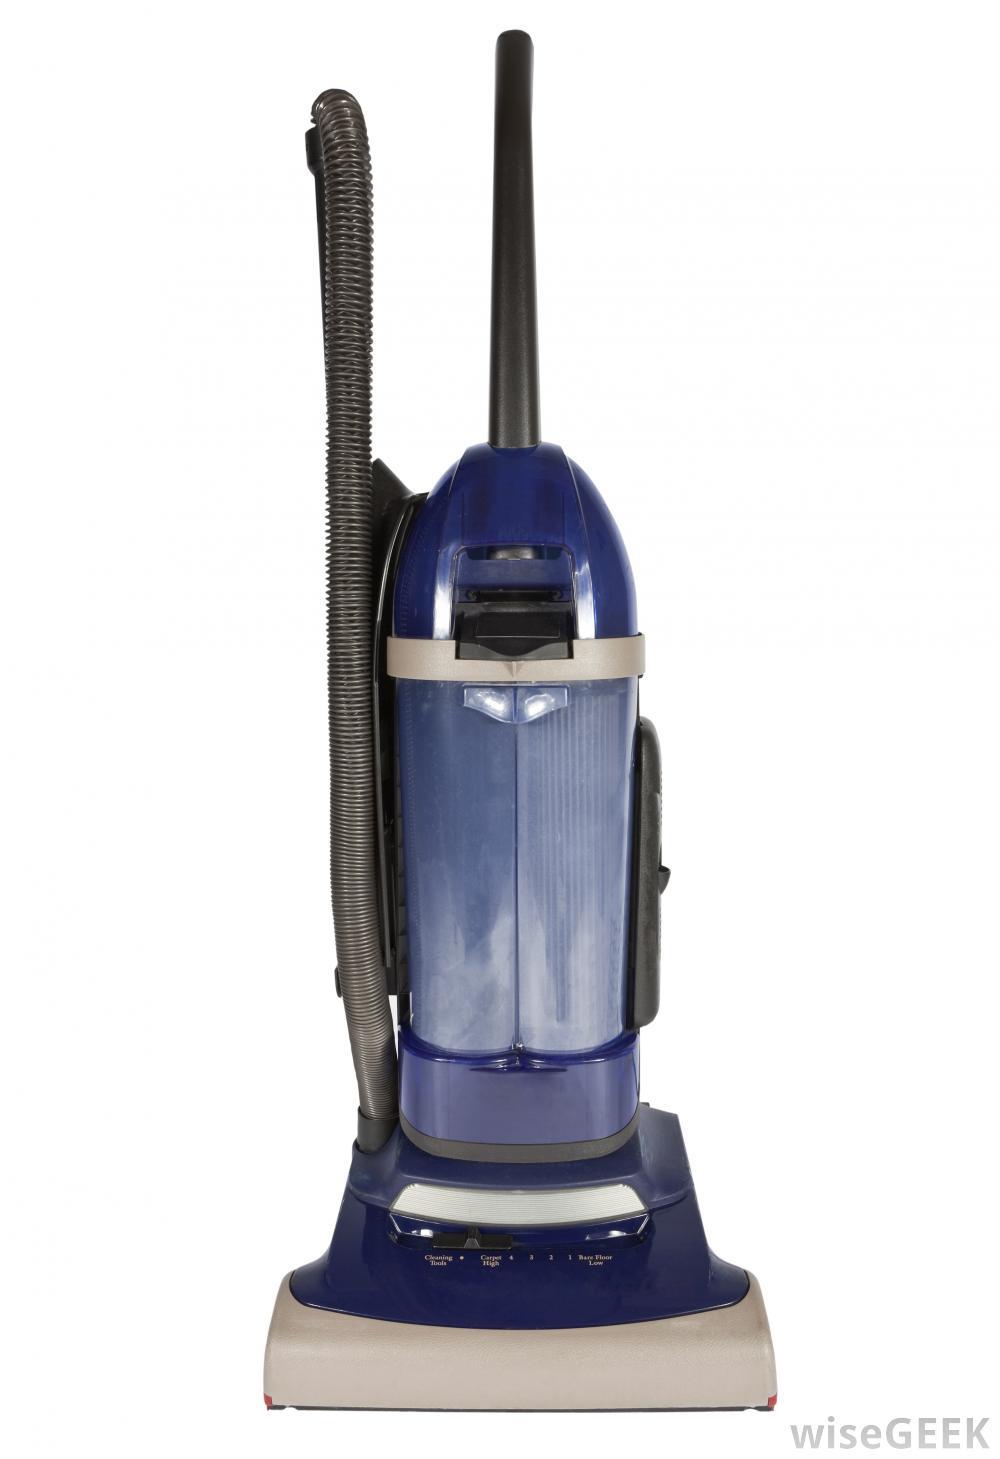 Dog-Scaring Vacuum Cleaner